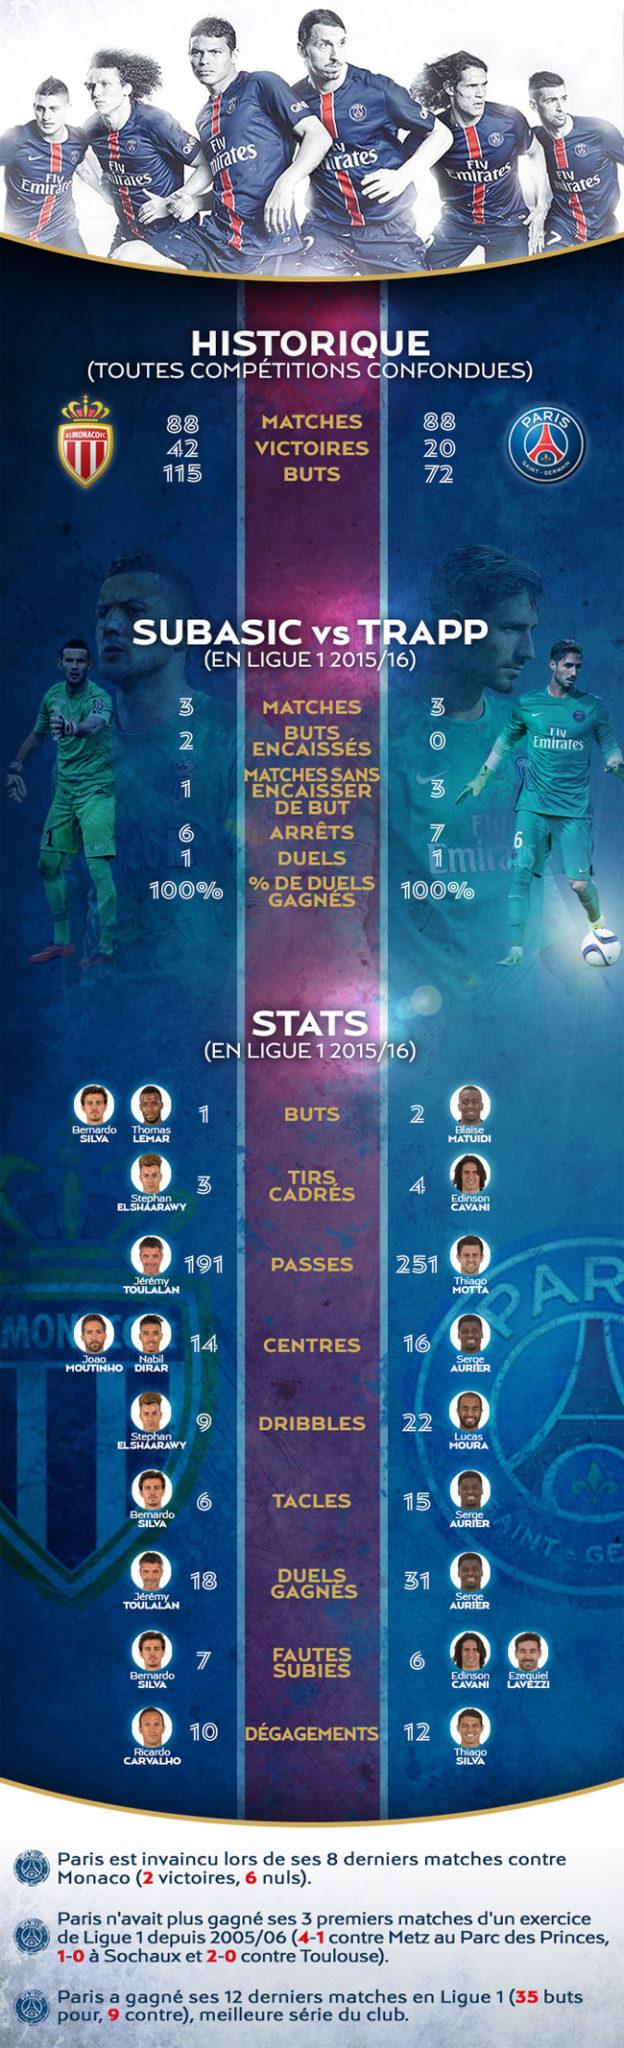 Monaco - PSG en chiffres